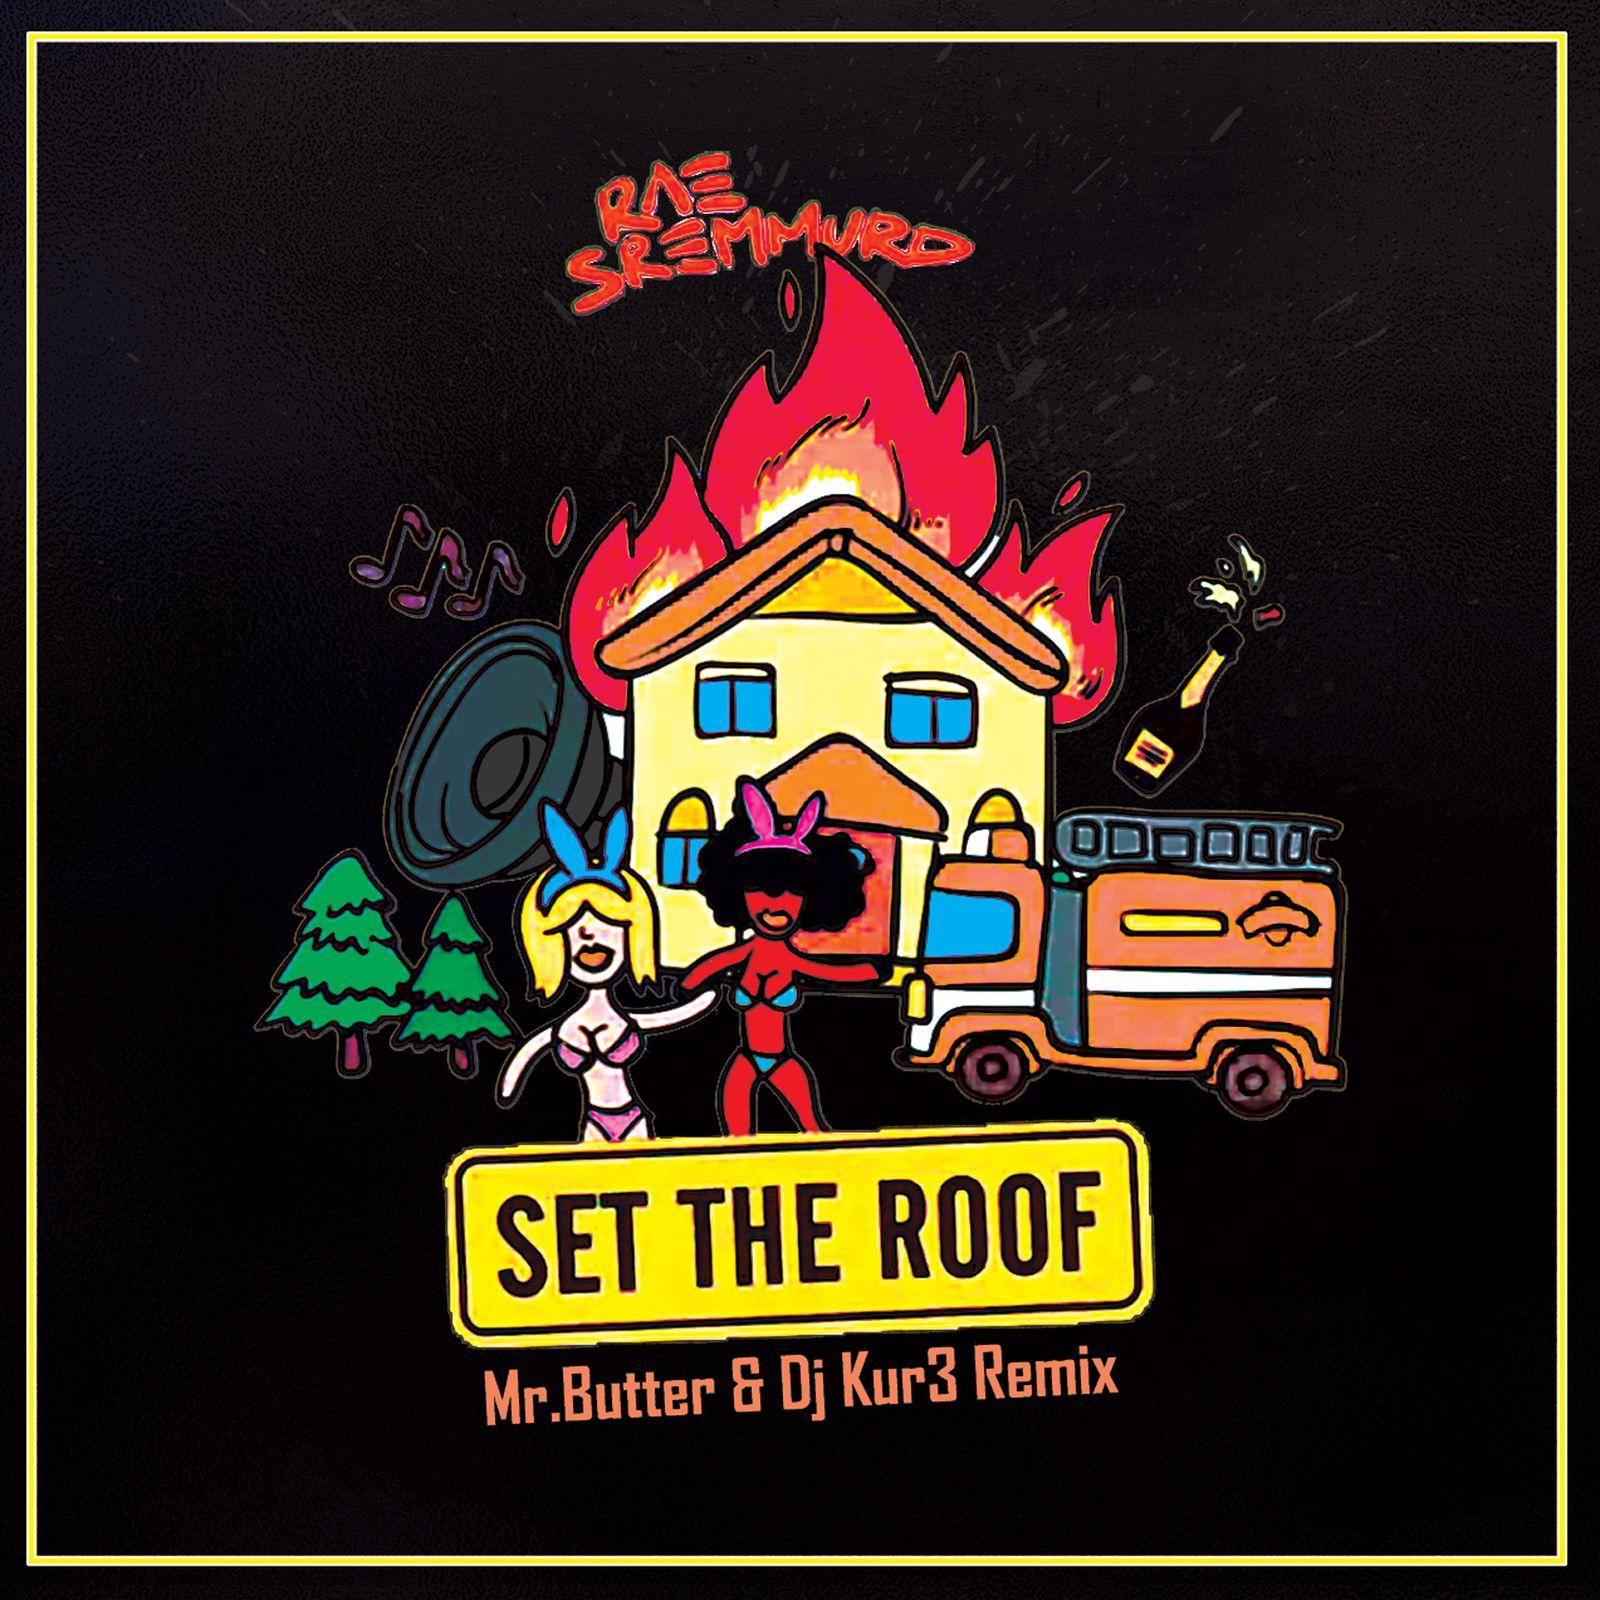 Rae Sremmurd Quot Set The Roof Mr Butter Amp Kur3 Remix Quot Ft